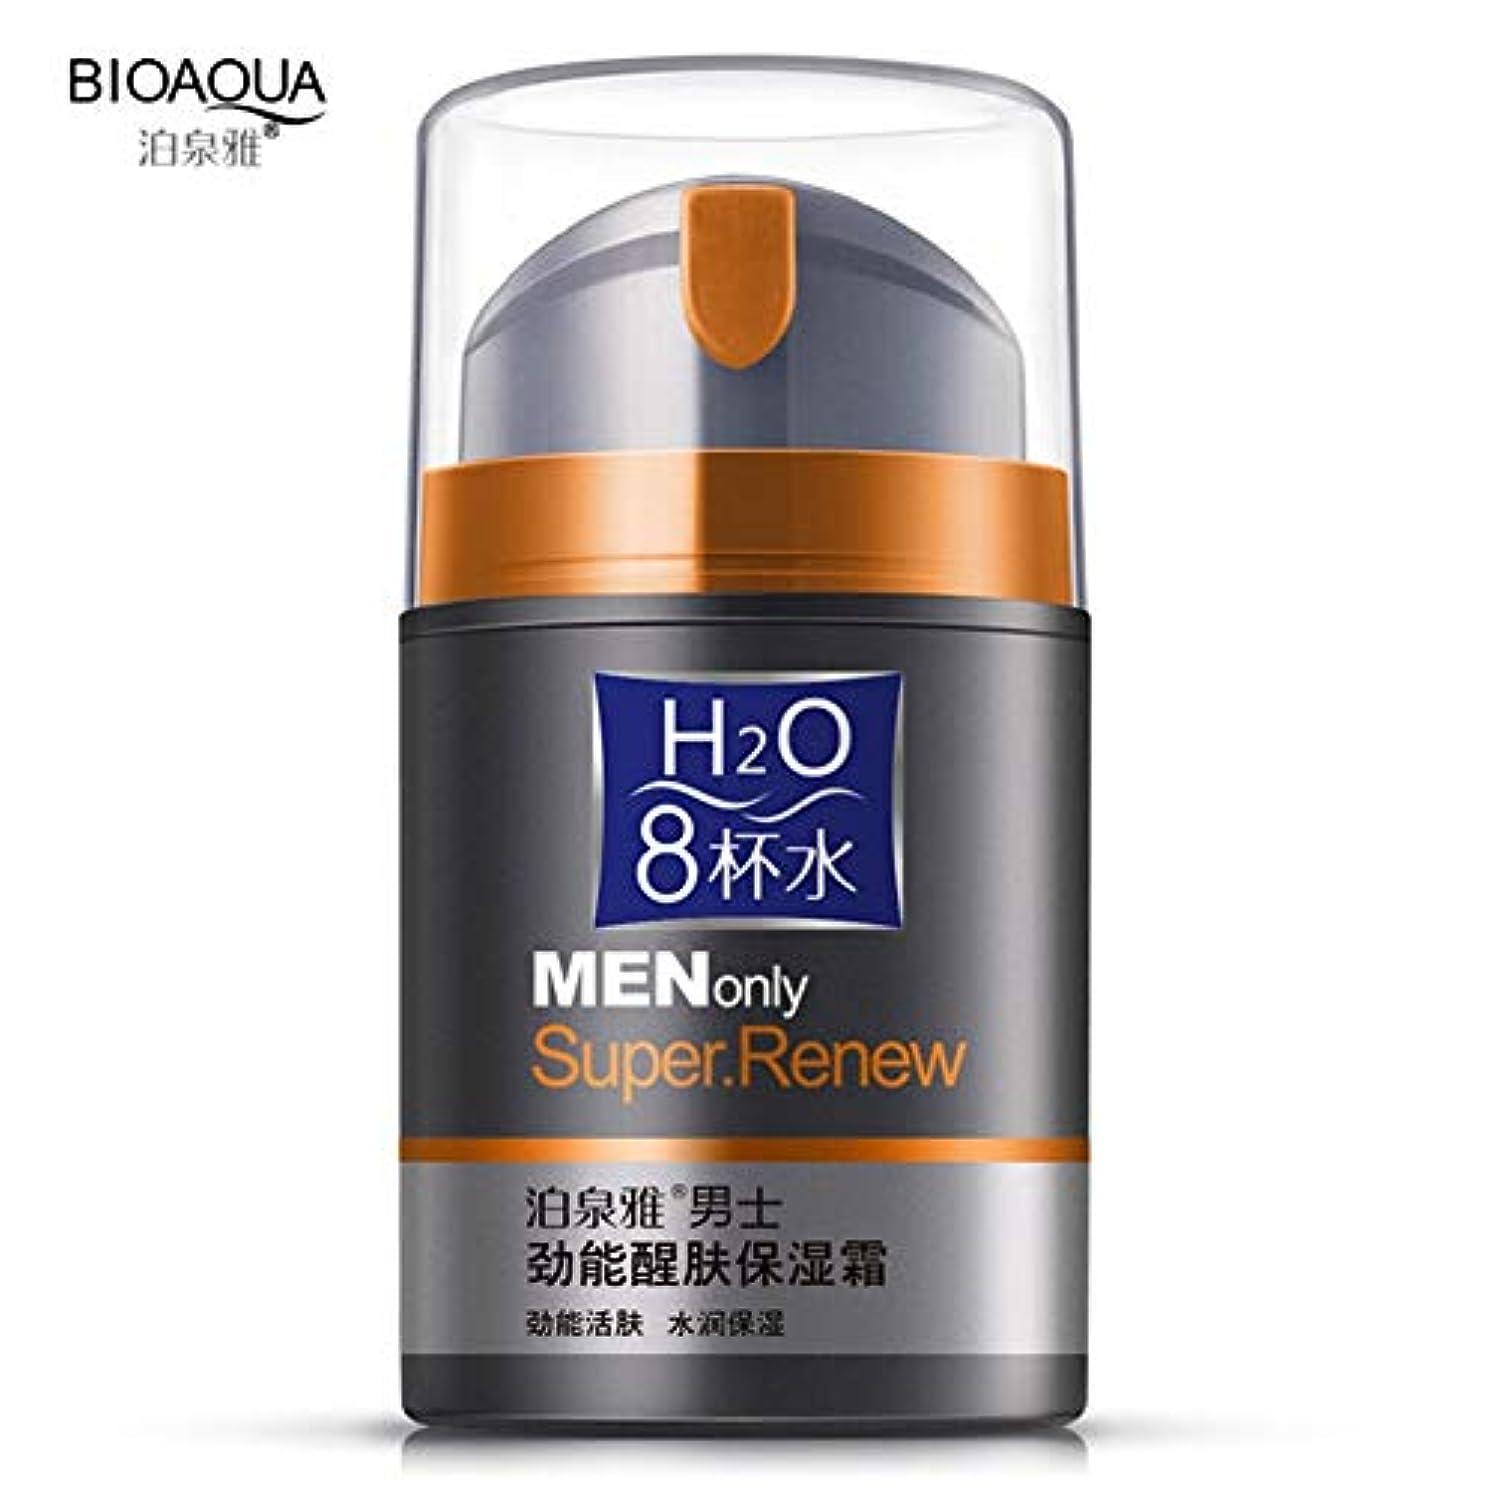 プリーツ均等に硬化するBIOAQUA男性保湿オイルコントロールフェイスクリームアンチリンクルデイクリーム寧ケアブラックヘッドの取り外し50グラム